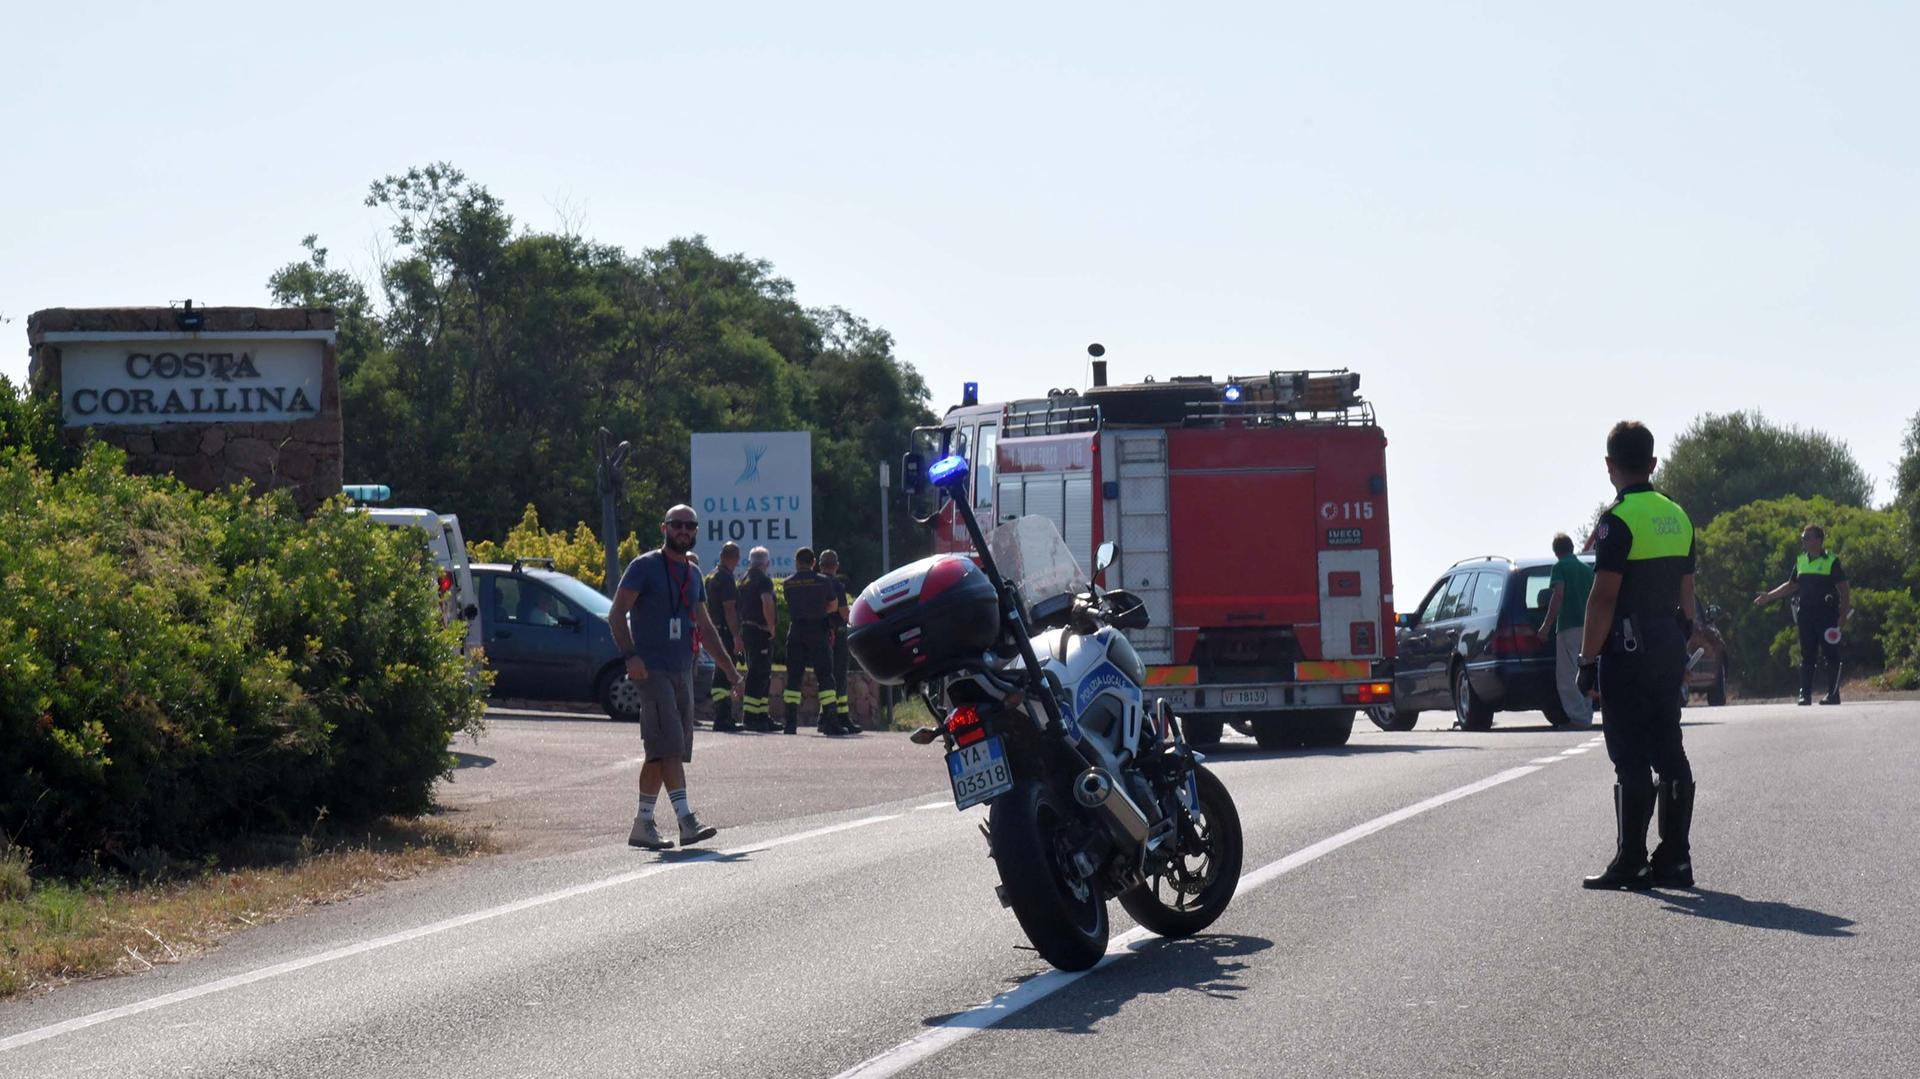 Un policía bloquea el tráfico mientras George Clooney es atendido en la carretera donde sufrió el accidente. (Grosby Group)